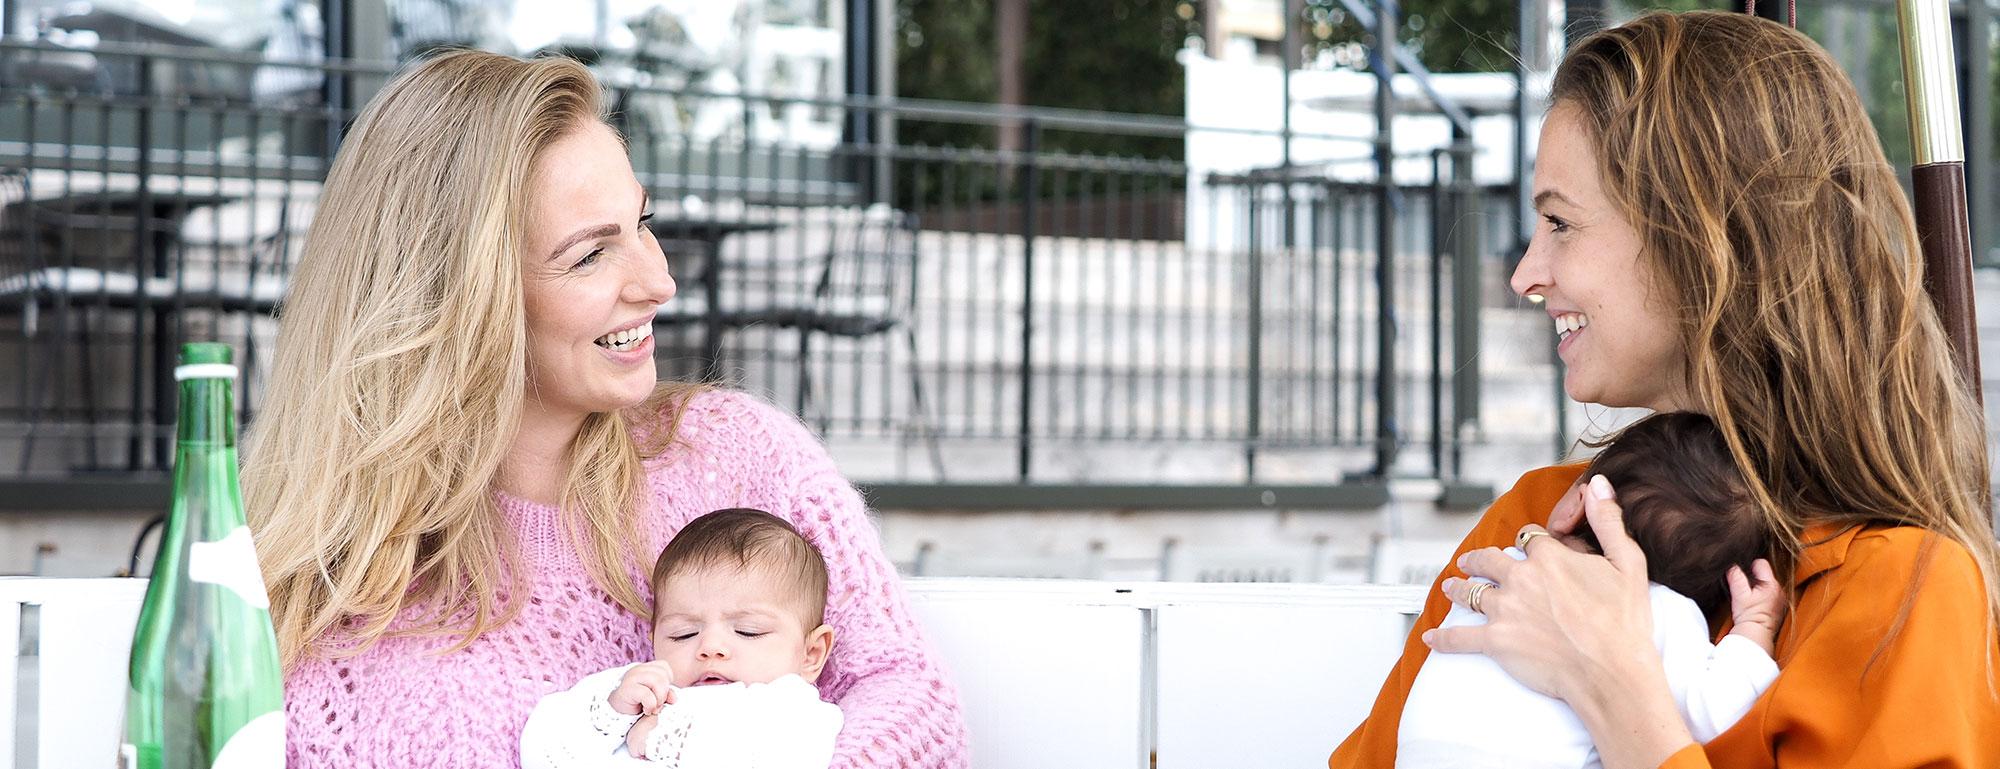 Wil je persoonlijke zorg en begeleiding bij de bevalling?